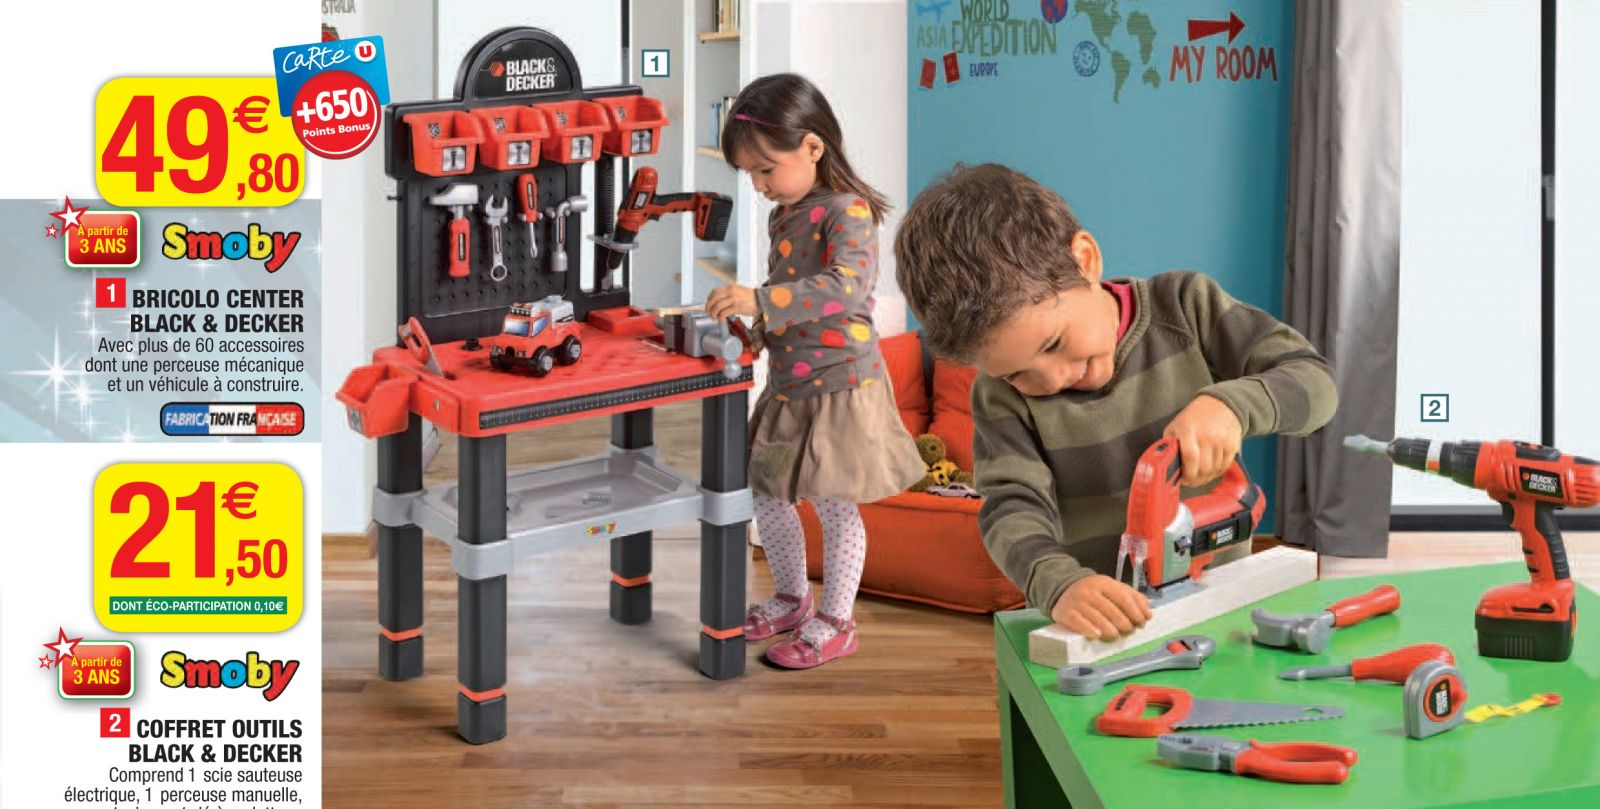 No catálogo, meninos e meninas aparecem usando ferramentas de brinquedo